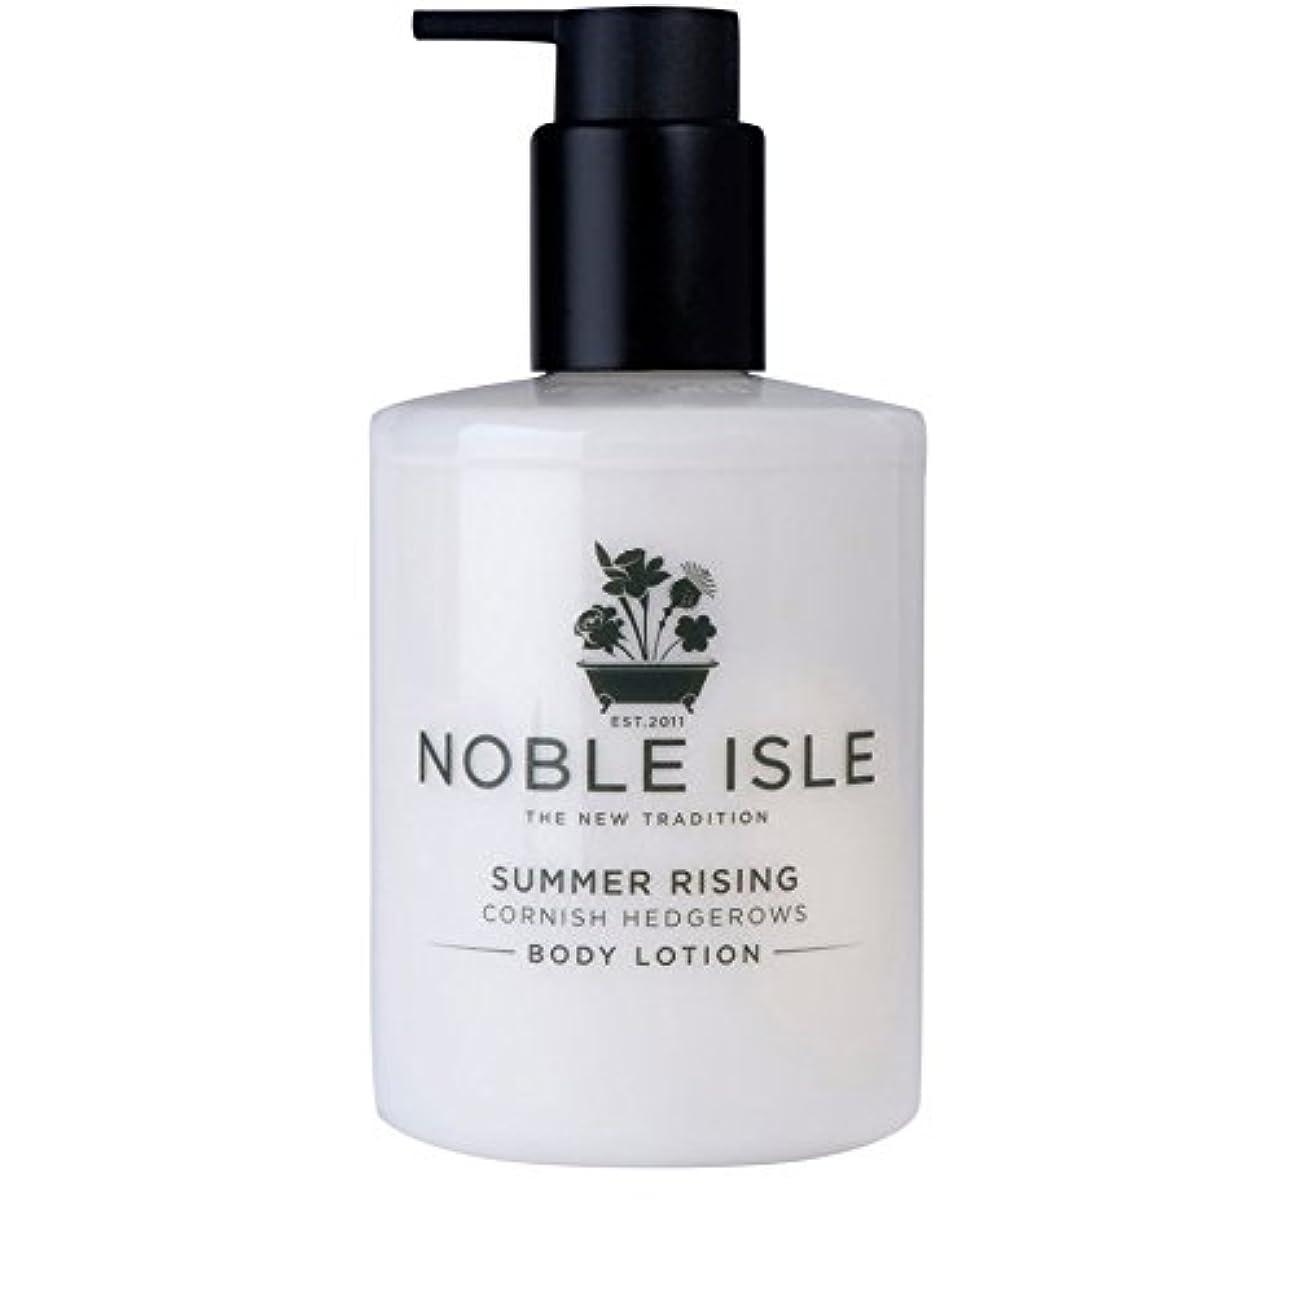 管理不和おびえたコーニッシュ生け垣ボディローション250ミリリットルを上昇高貴な島の夏 x4 - Noble Isle Summer Rising Cornish Hedgerows Body Lotion 250ml (Pack of...